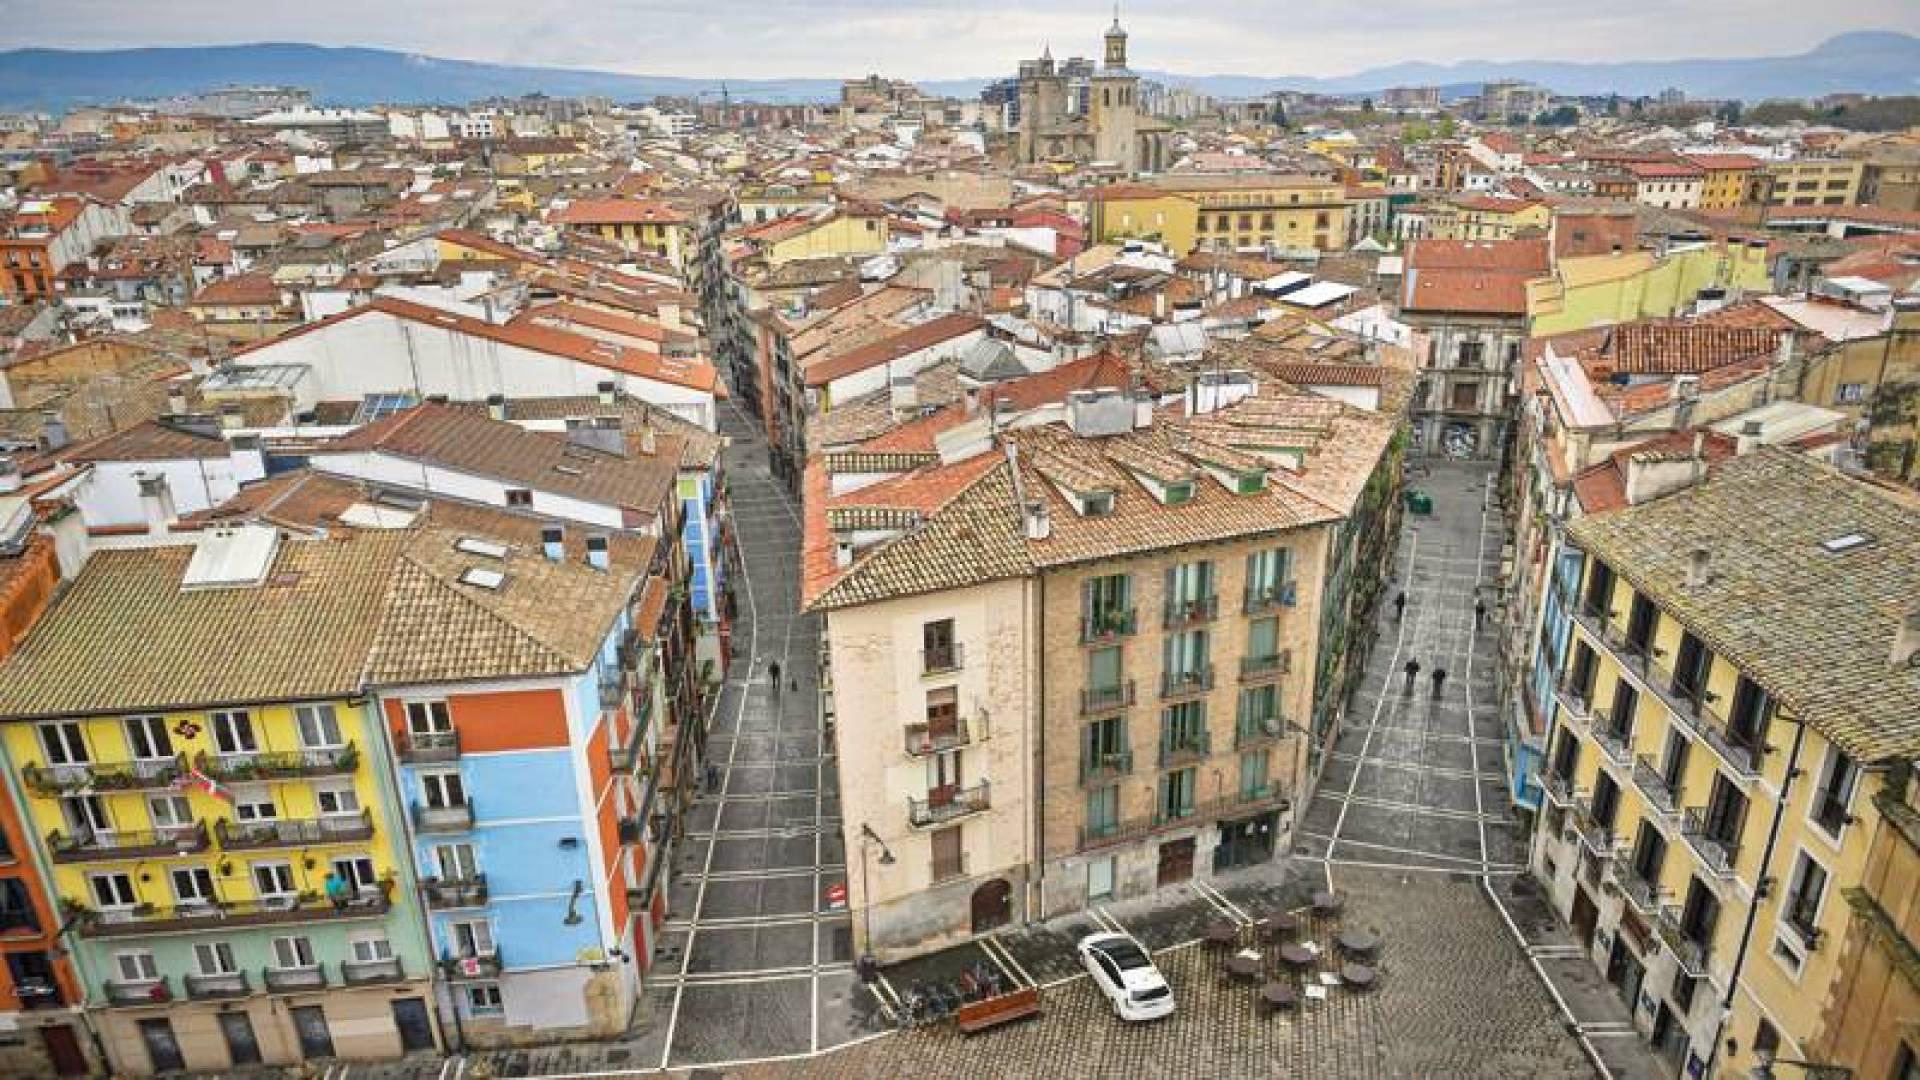 حظر على مدينة بامبلونا شمالي أسبانيا في محاولة لاحتواء وباء «كورونا» (أ ب)